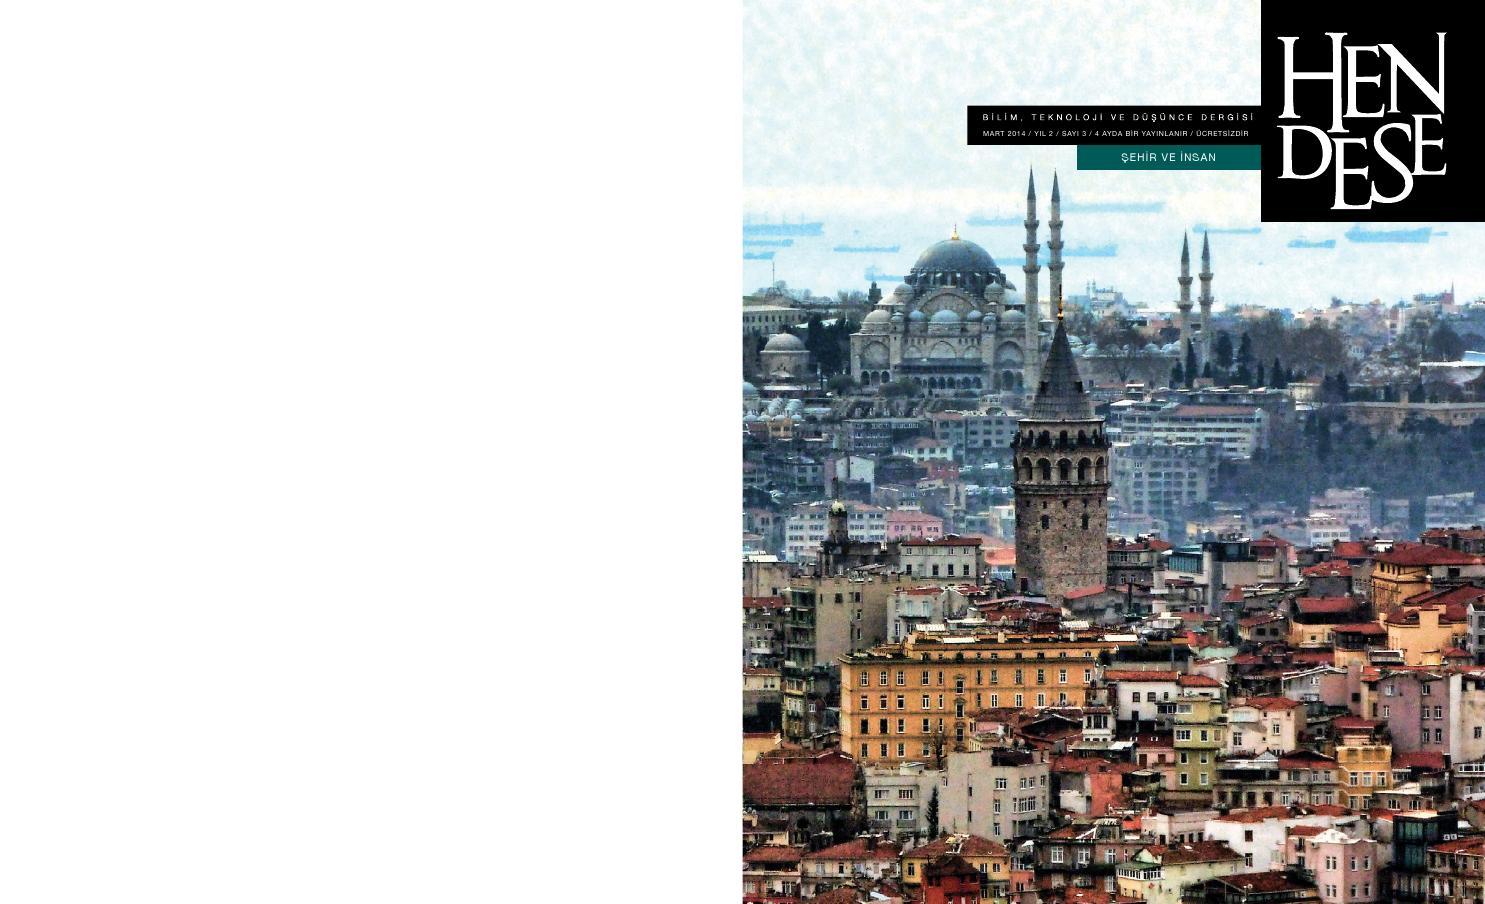 İstanbul Boğazı'yla ilgili girişim Kiev'in tutarsızlık derecesini ortaya koyuyor 93